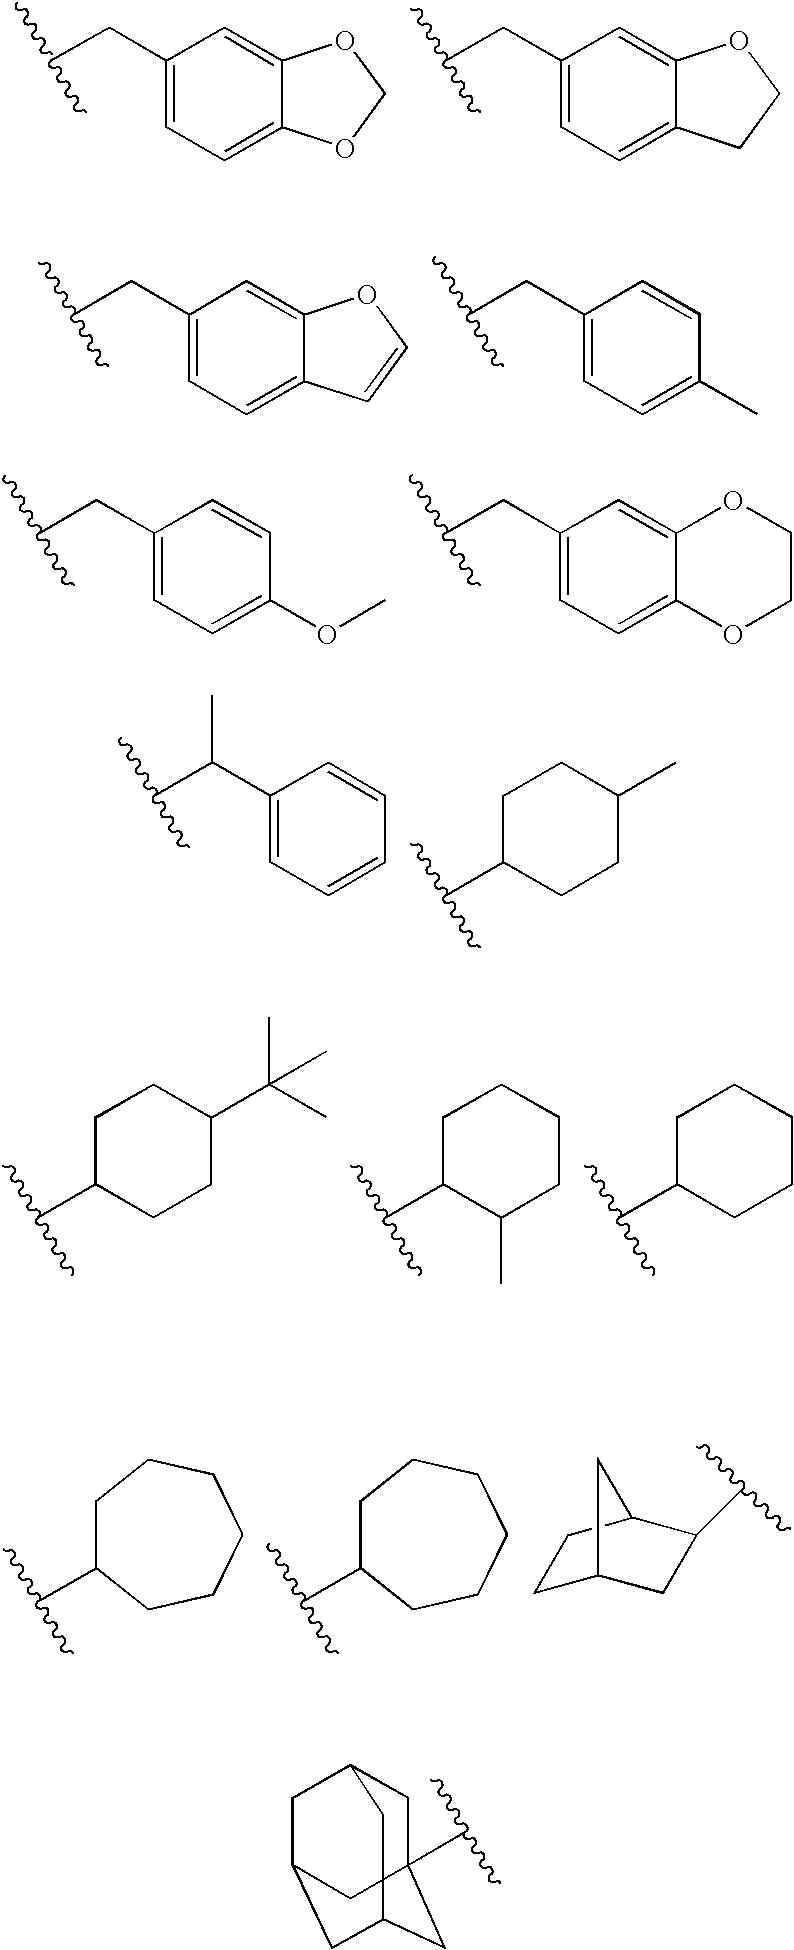 Figure US20100009983A1-20100114-C00265